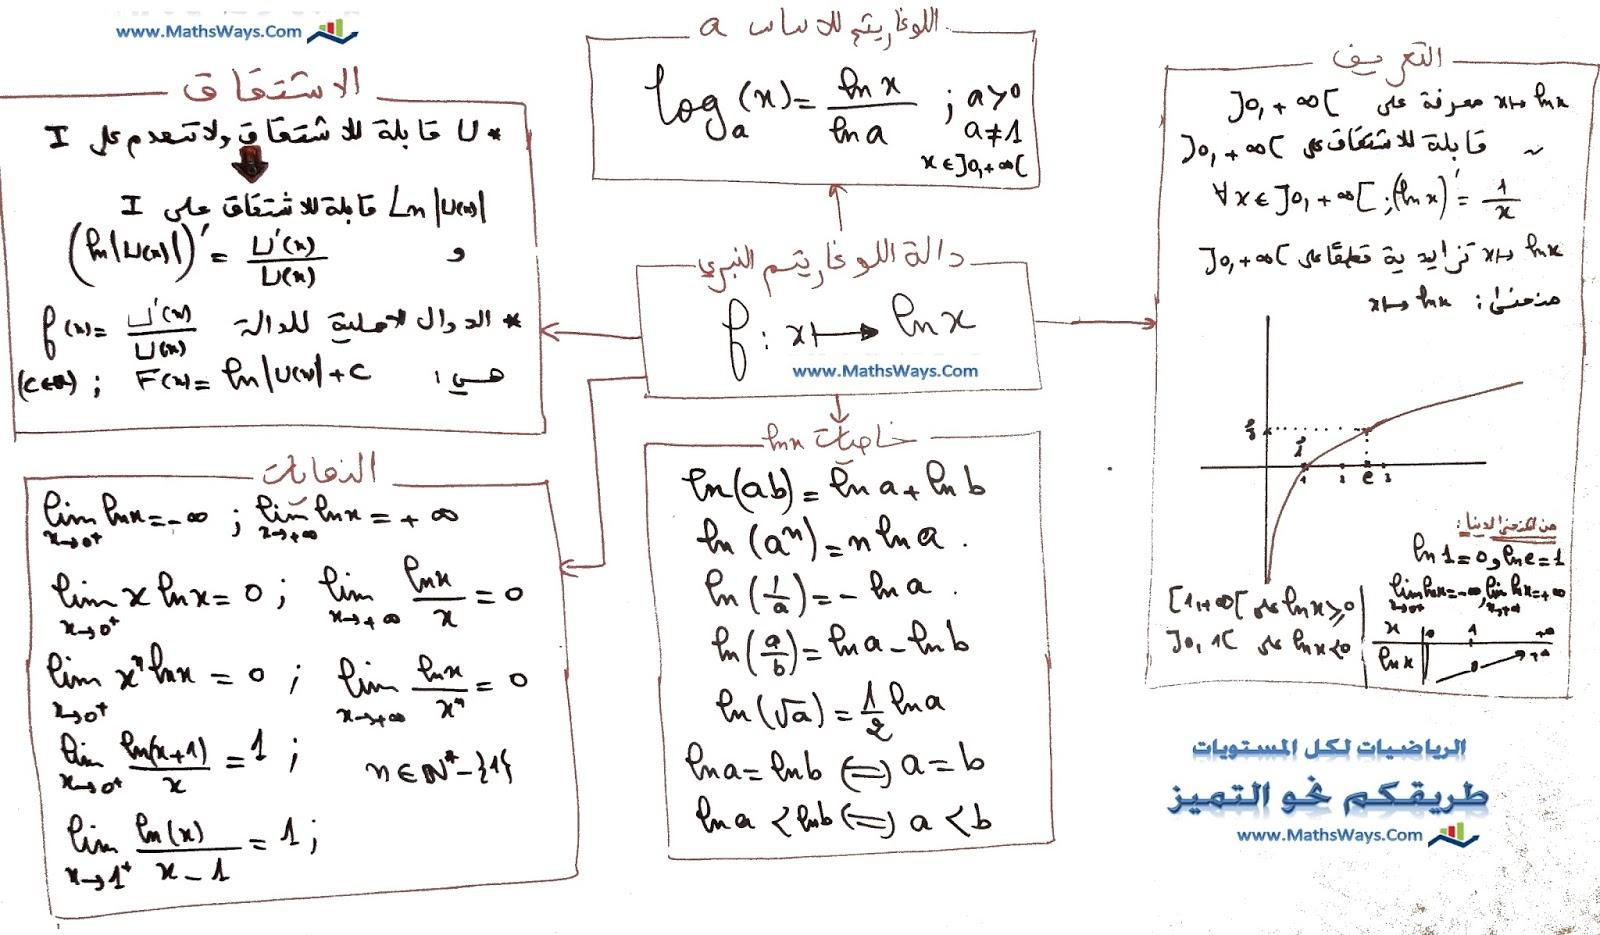 ملخص درس الدالة اللوغاريتمية - خطاطة